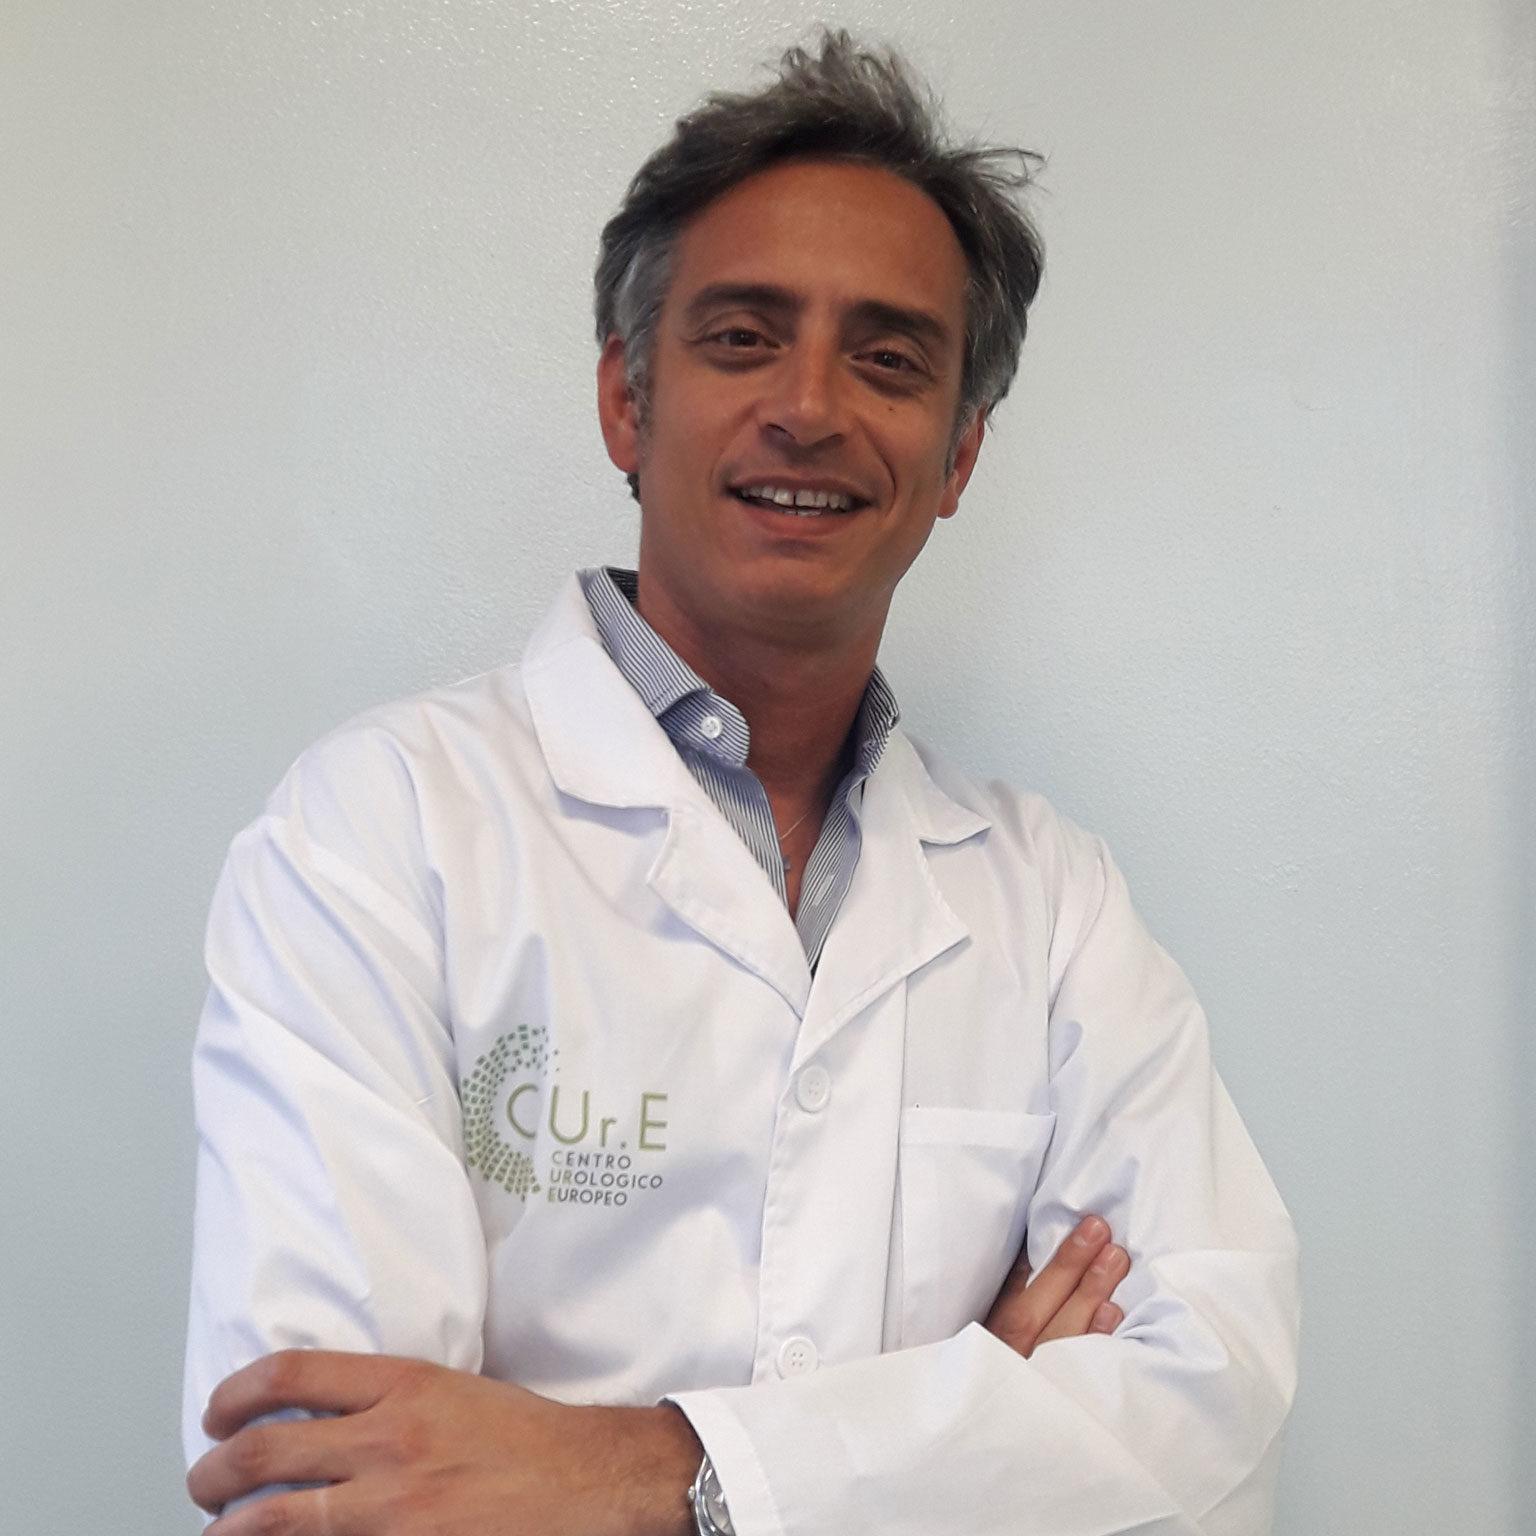 Dott. Filippo Cianci